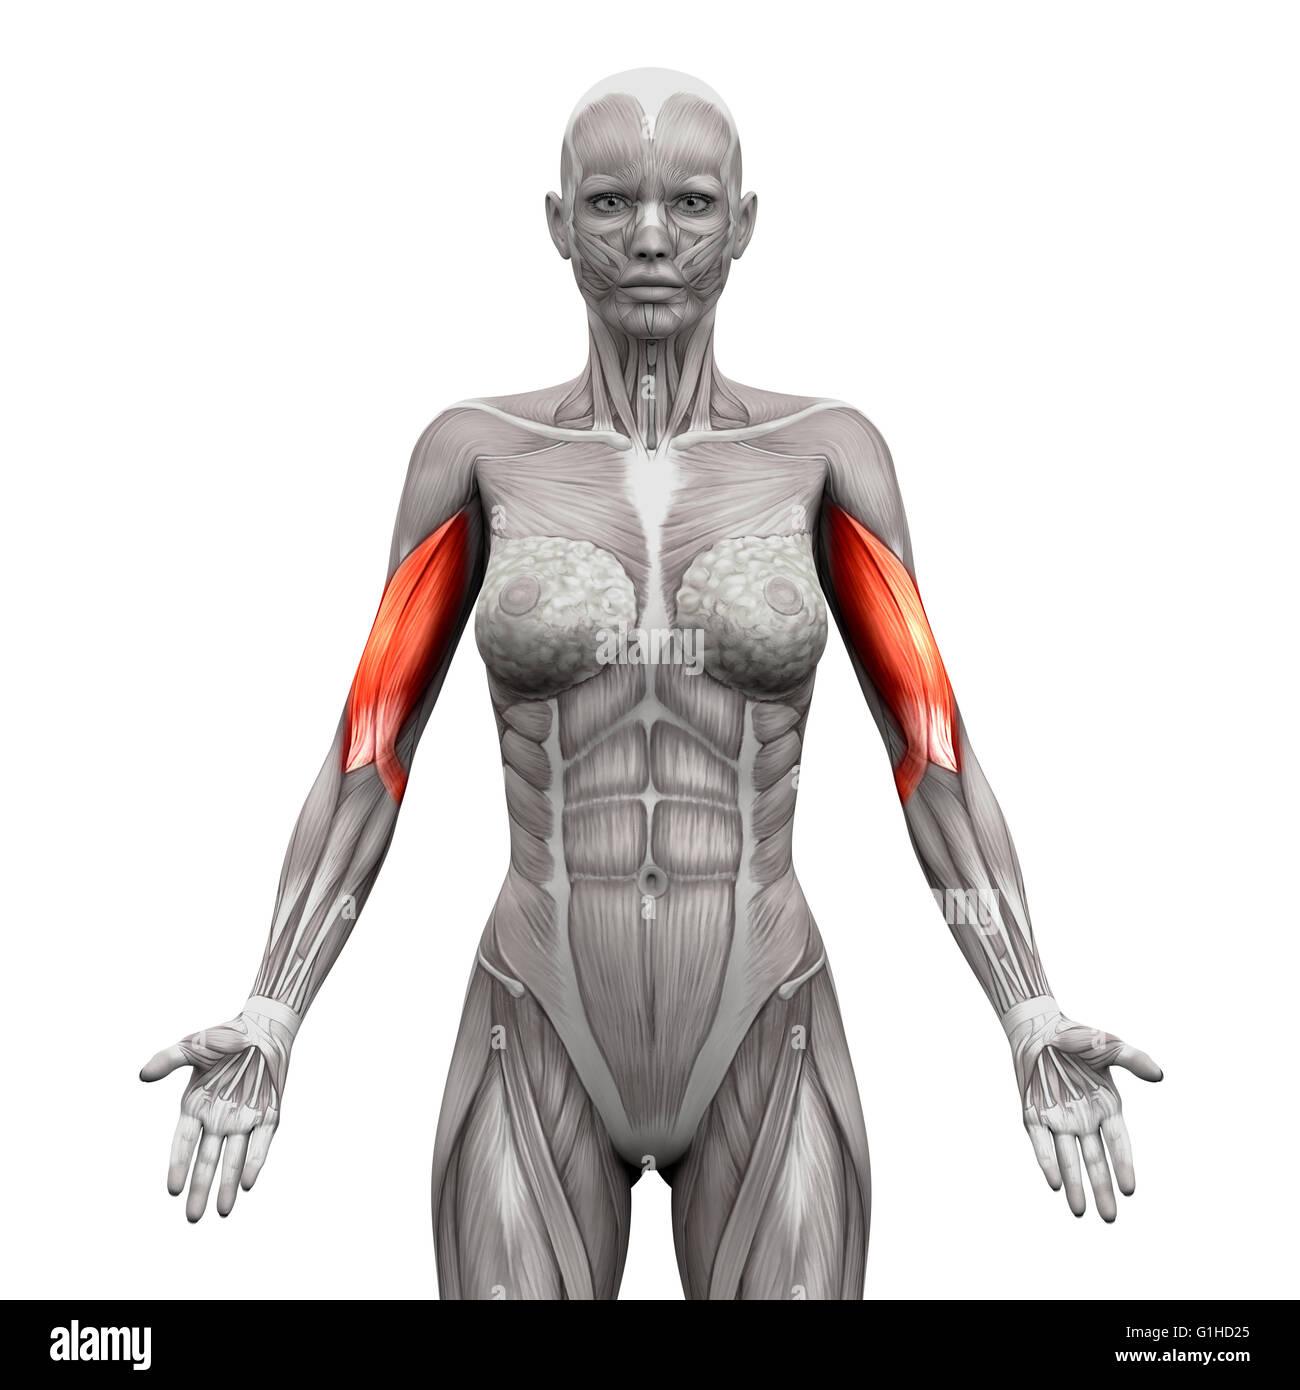 Schön Arm Anatomie Muskeln Zeitgenössisch - Menschliche Anatomie ...